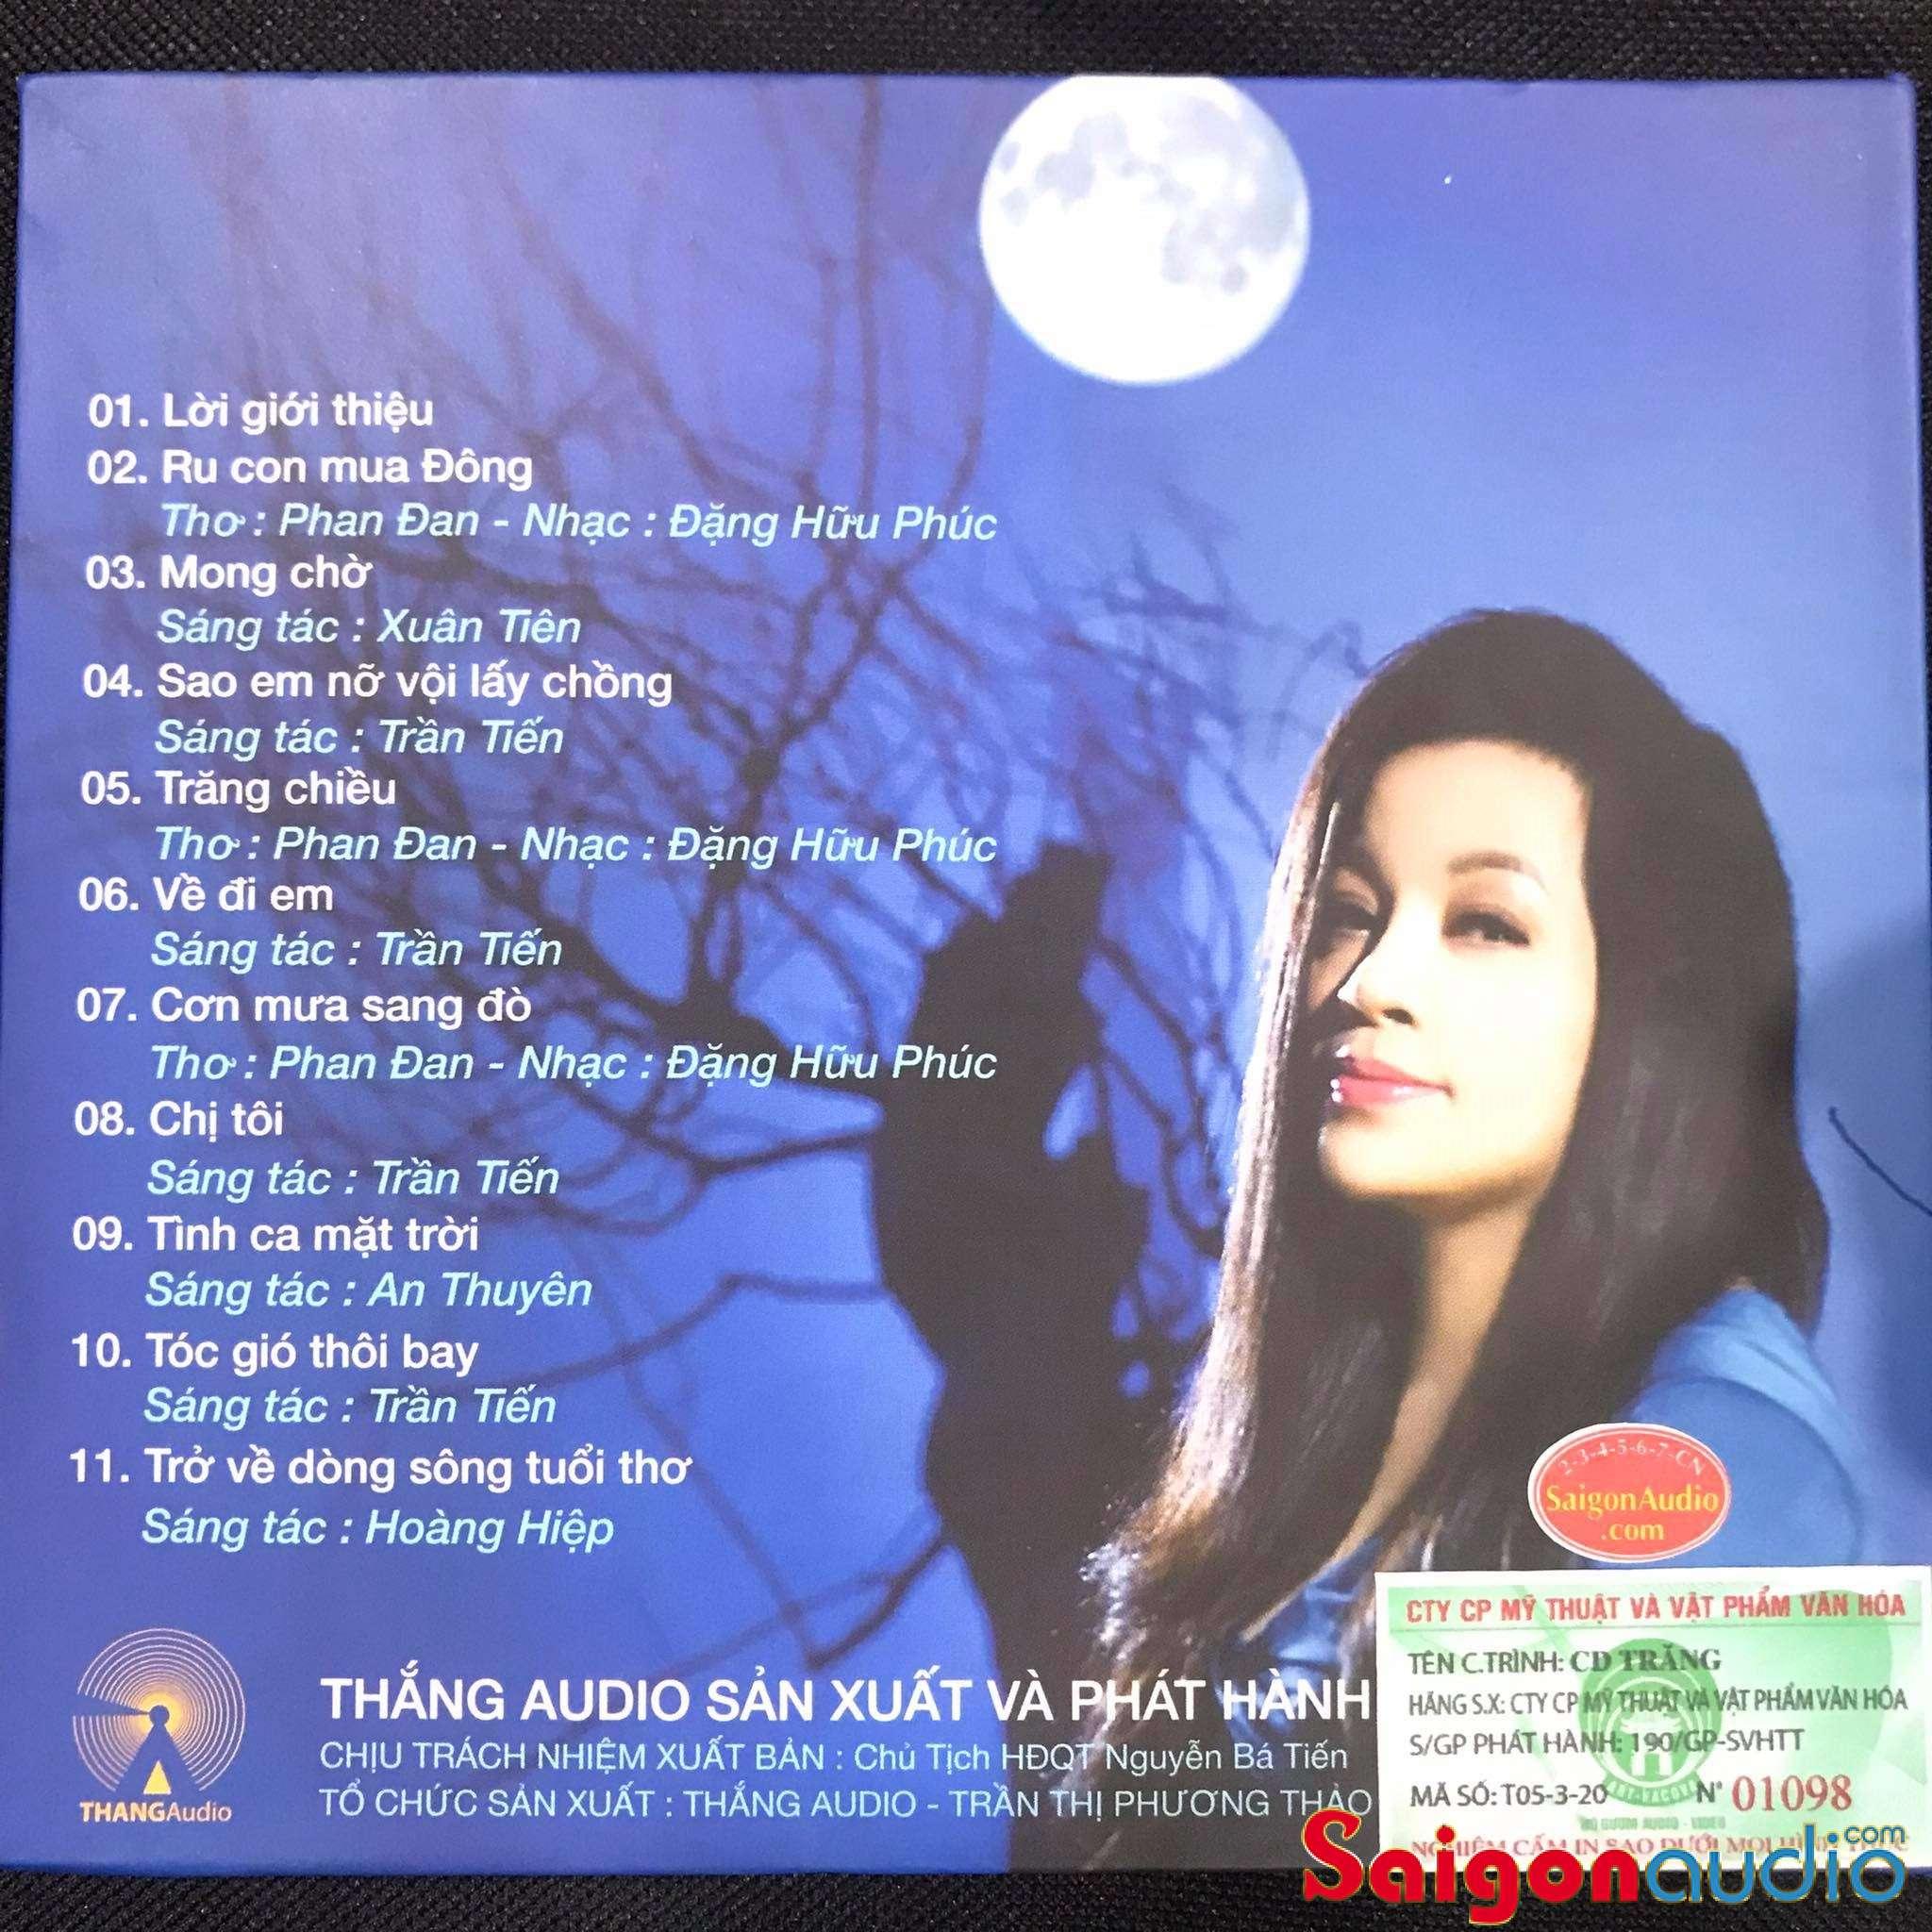 Đĩa CD nhạc gốc Tố Nga - TRĂNG (Free ship khi mua 2 đĩa CD cùng hoặc khác loại)